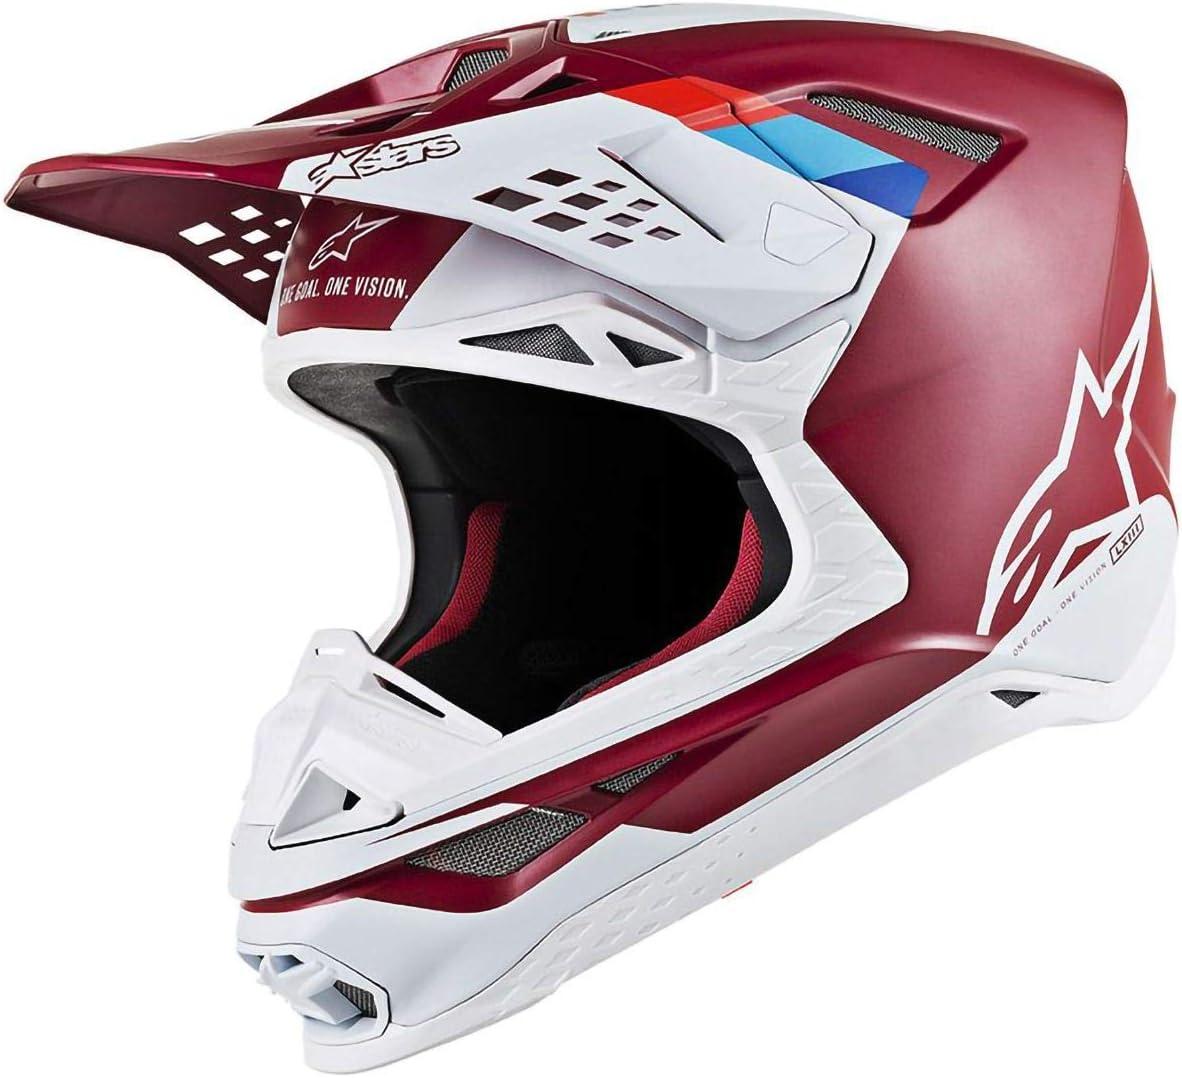 Alpinestars Supertech M8 Contact Helmet-Dark Red//White-L